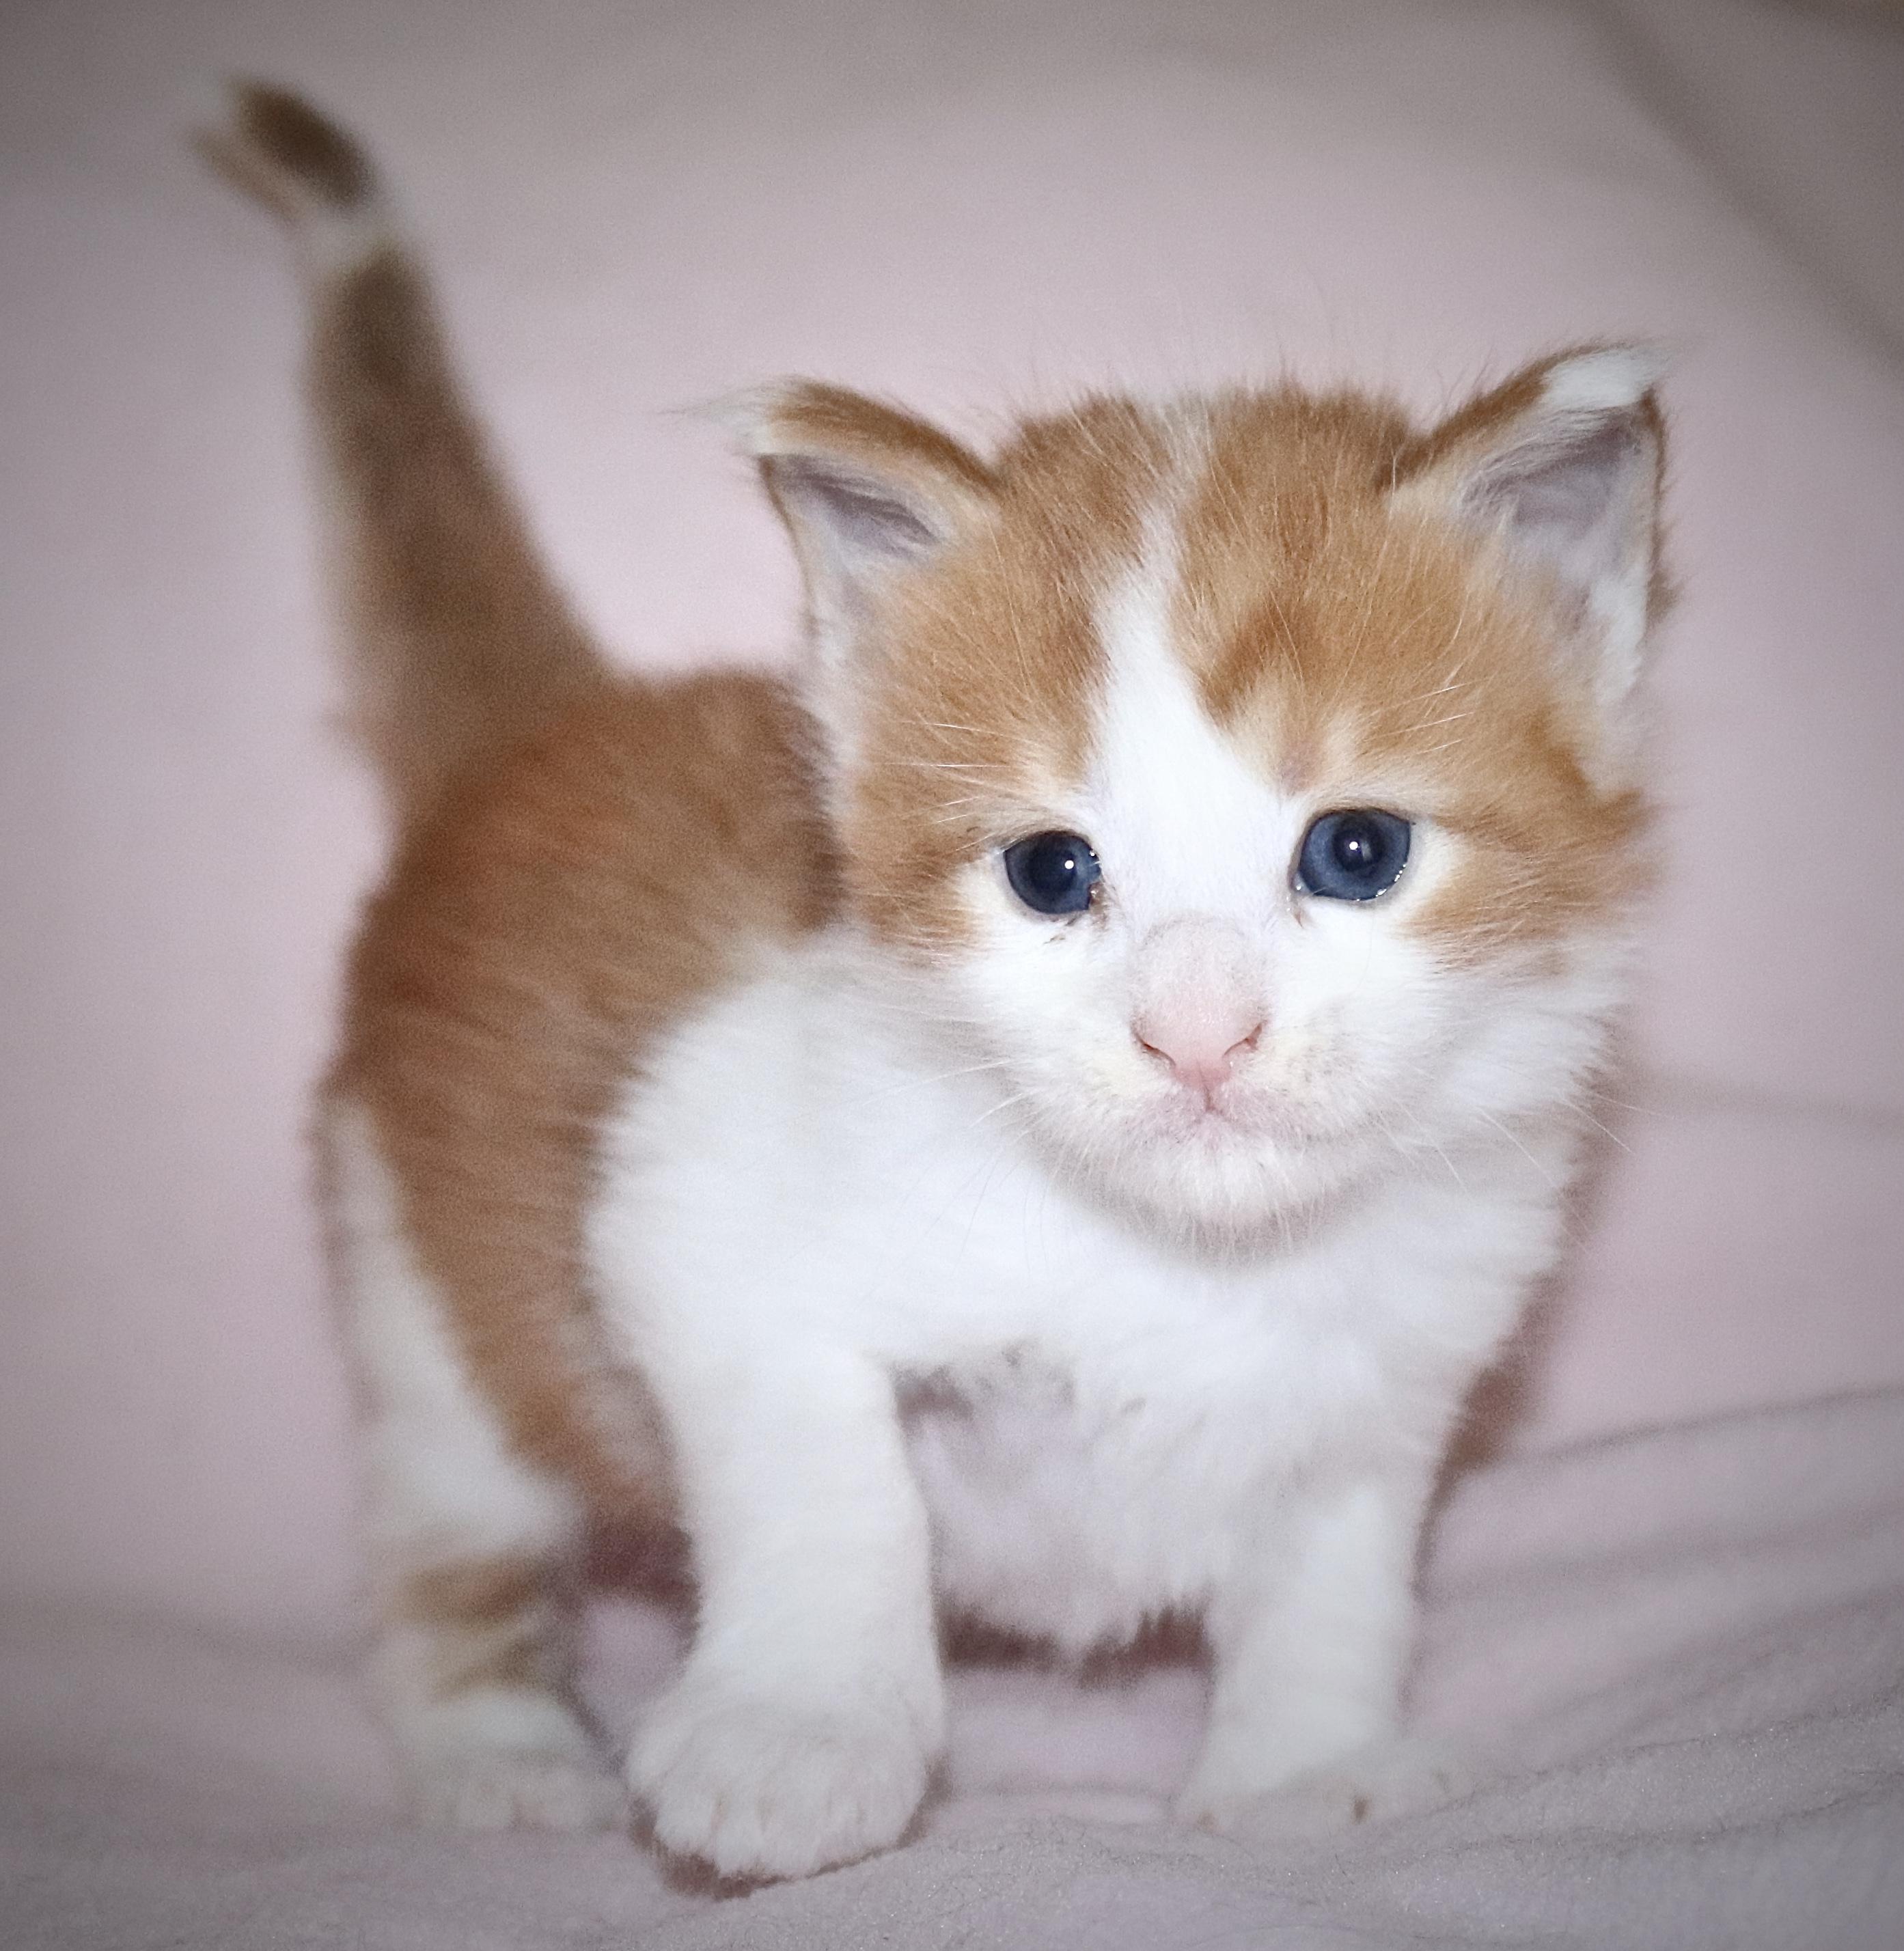 fotka kočky VRH I: INDIAN UNO VON ERILLIAN*CZ